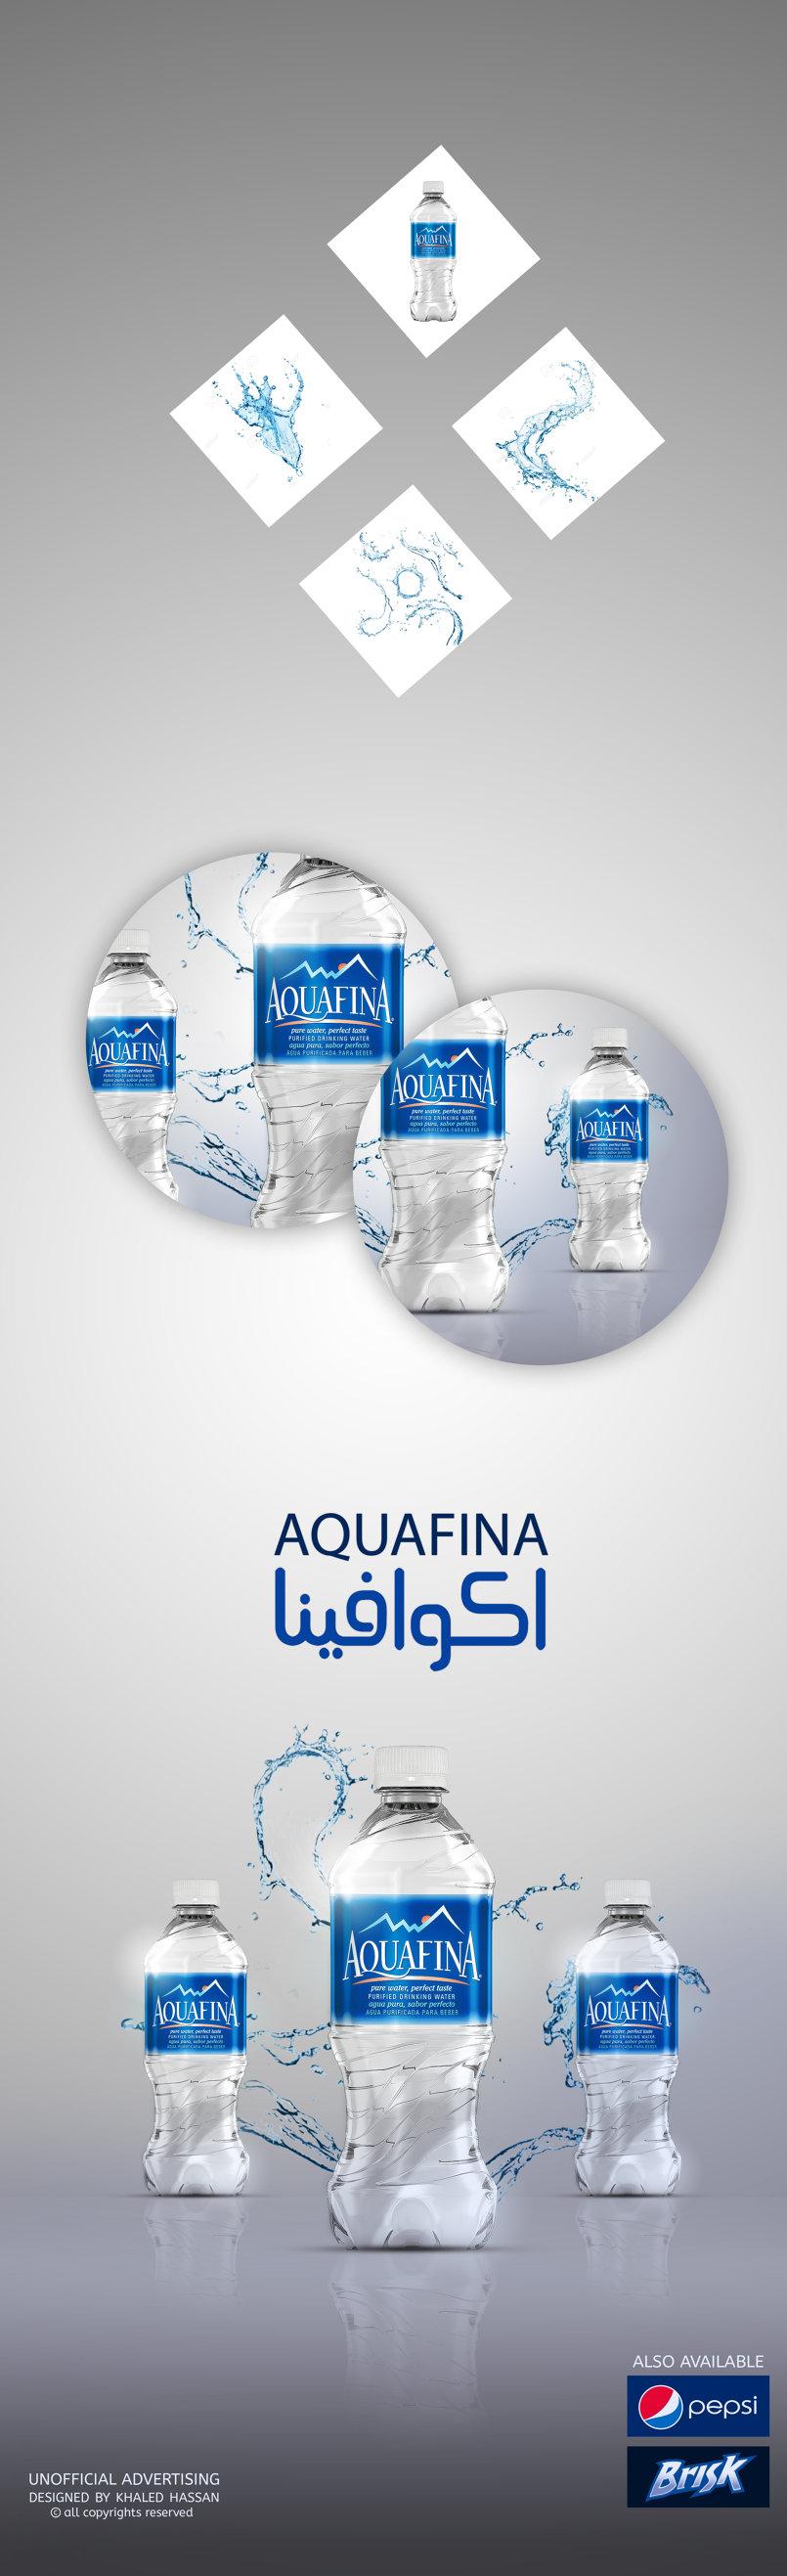 Aquafina | Print Adv